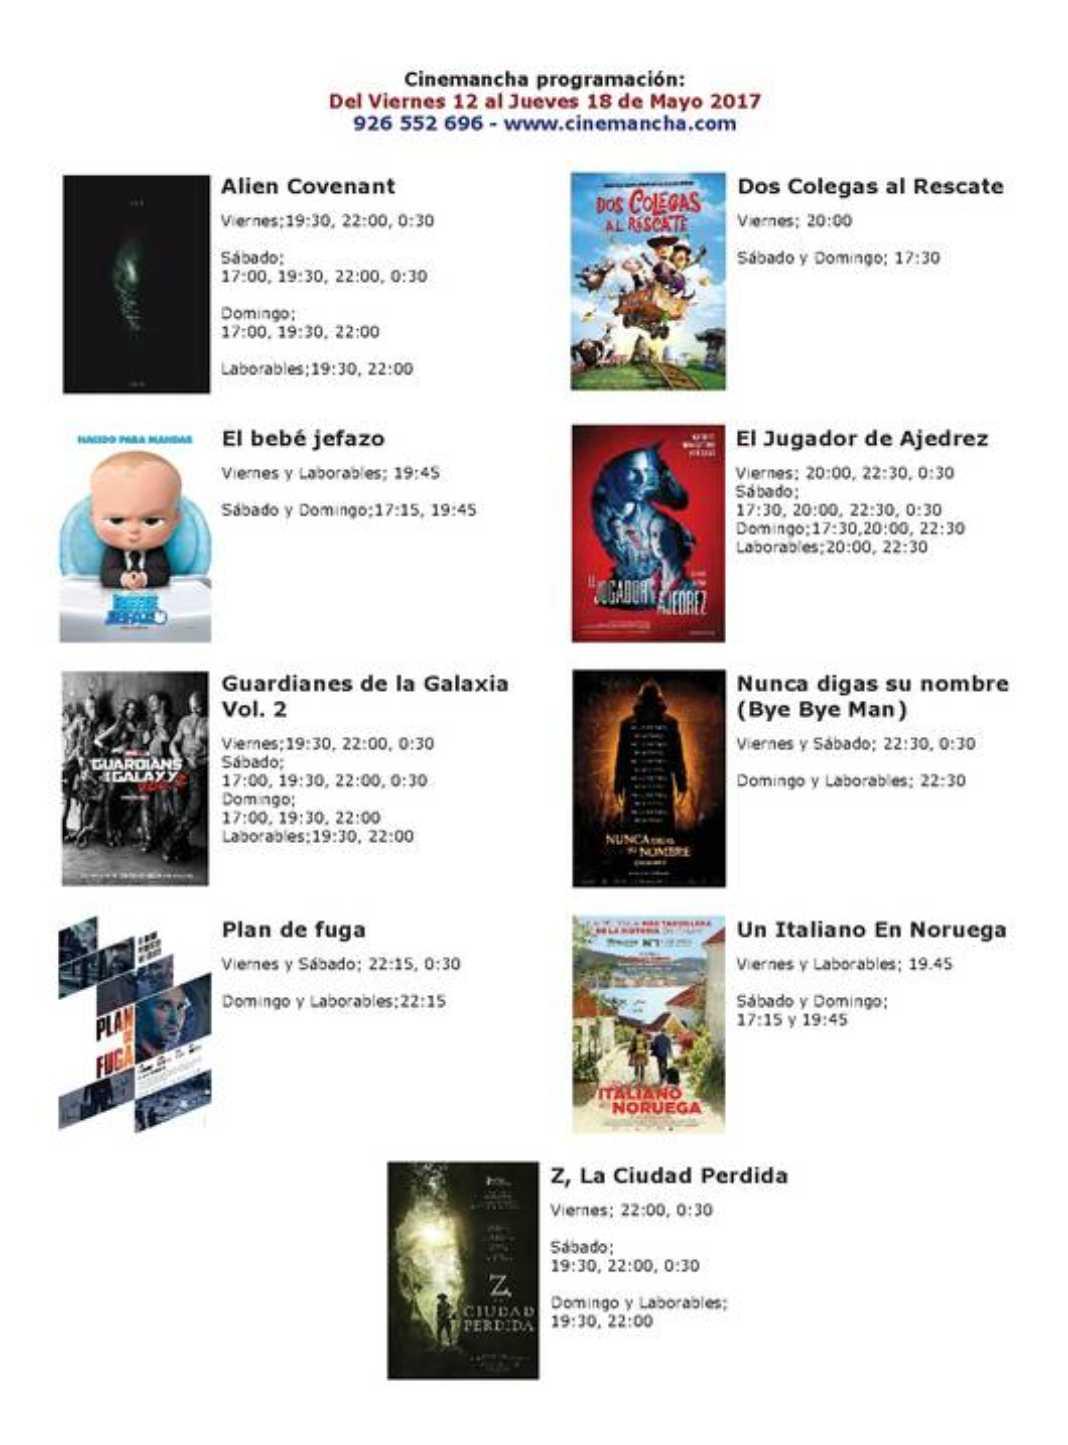 Cartelera Cinemancha del viernes 12 al jueves 18 de mayo 2